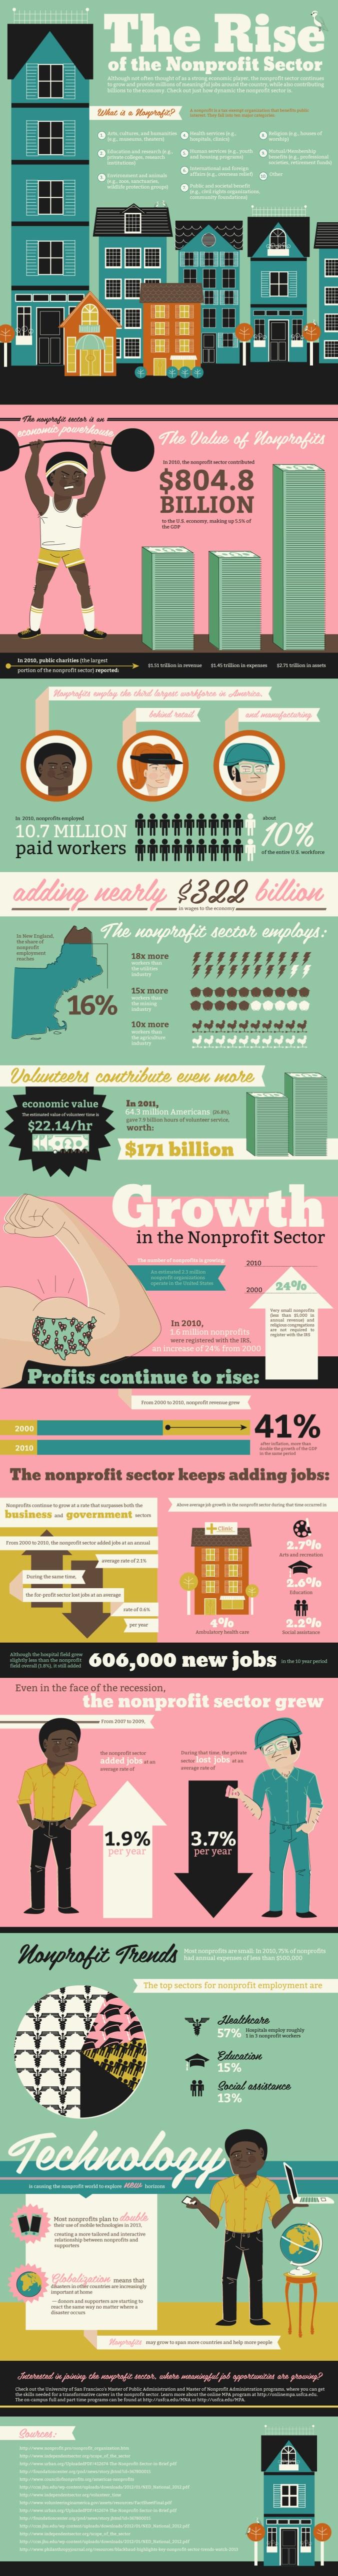 Rise-of-Noprofit